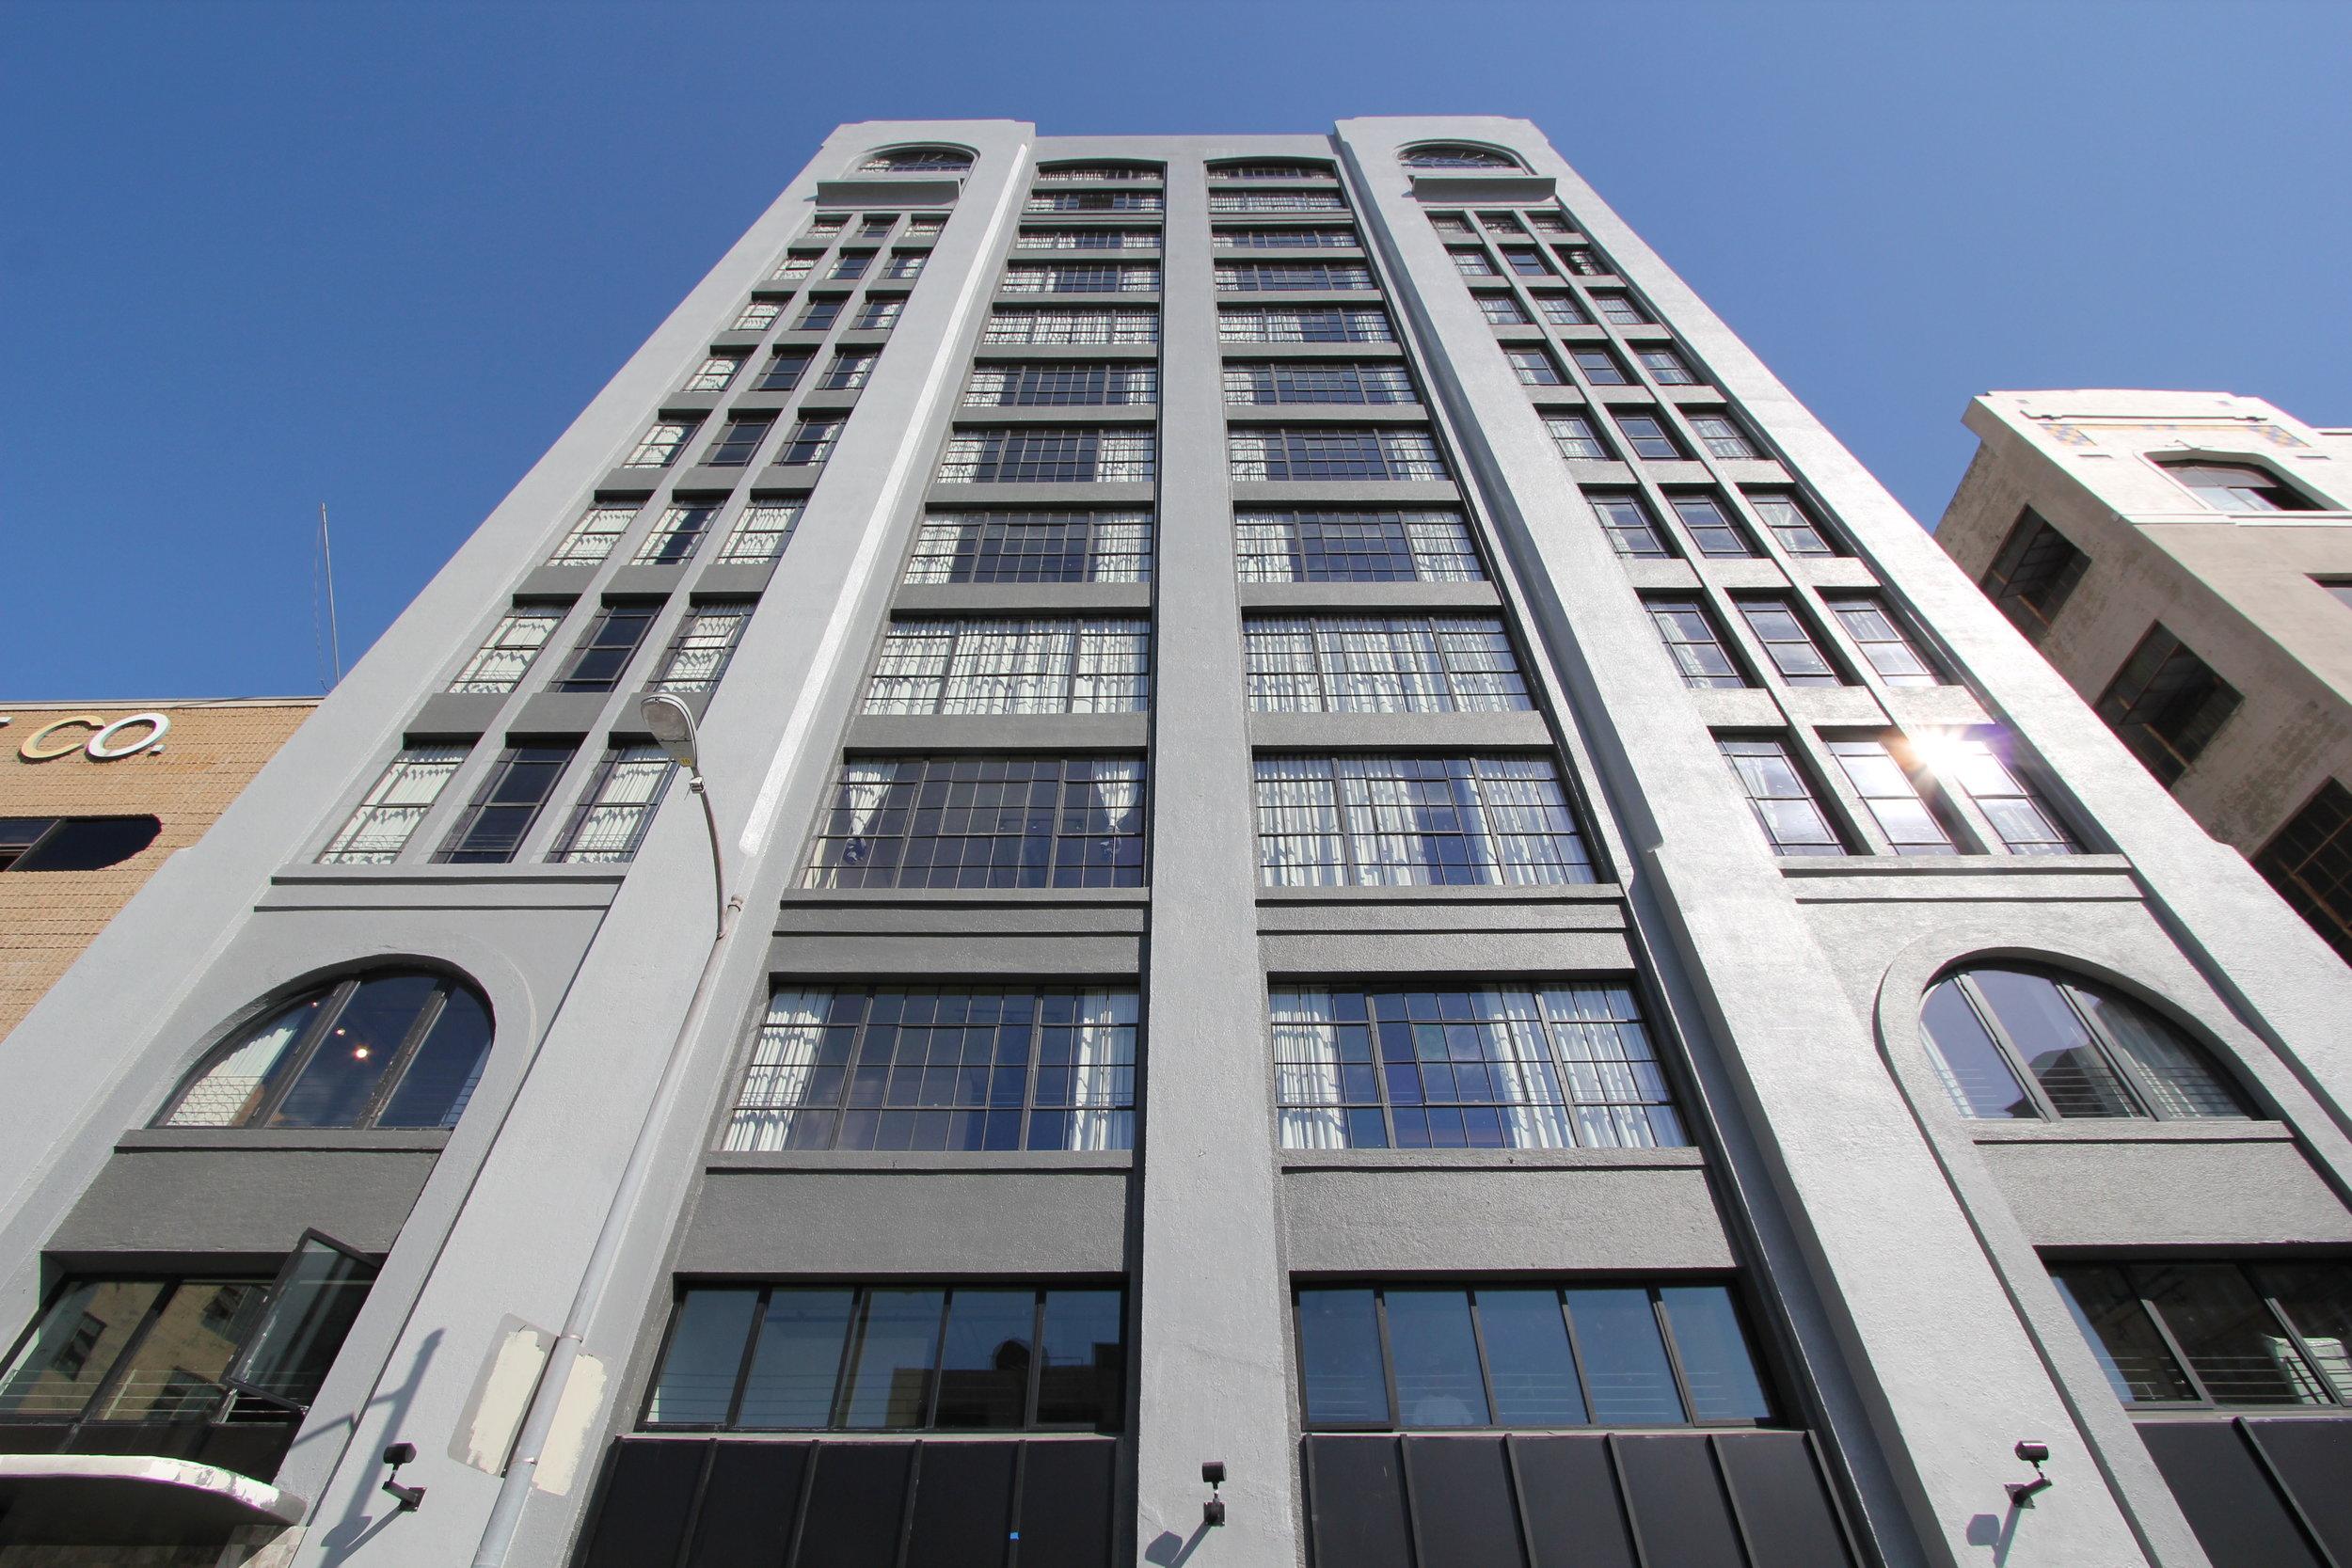 Exterior facade of Maxfield Building.